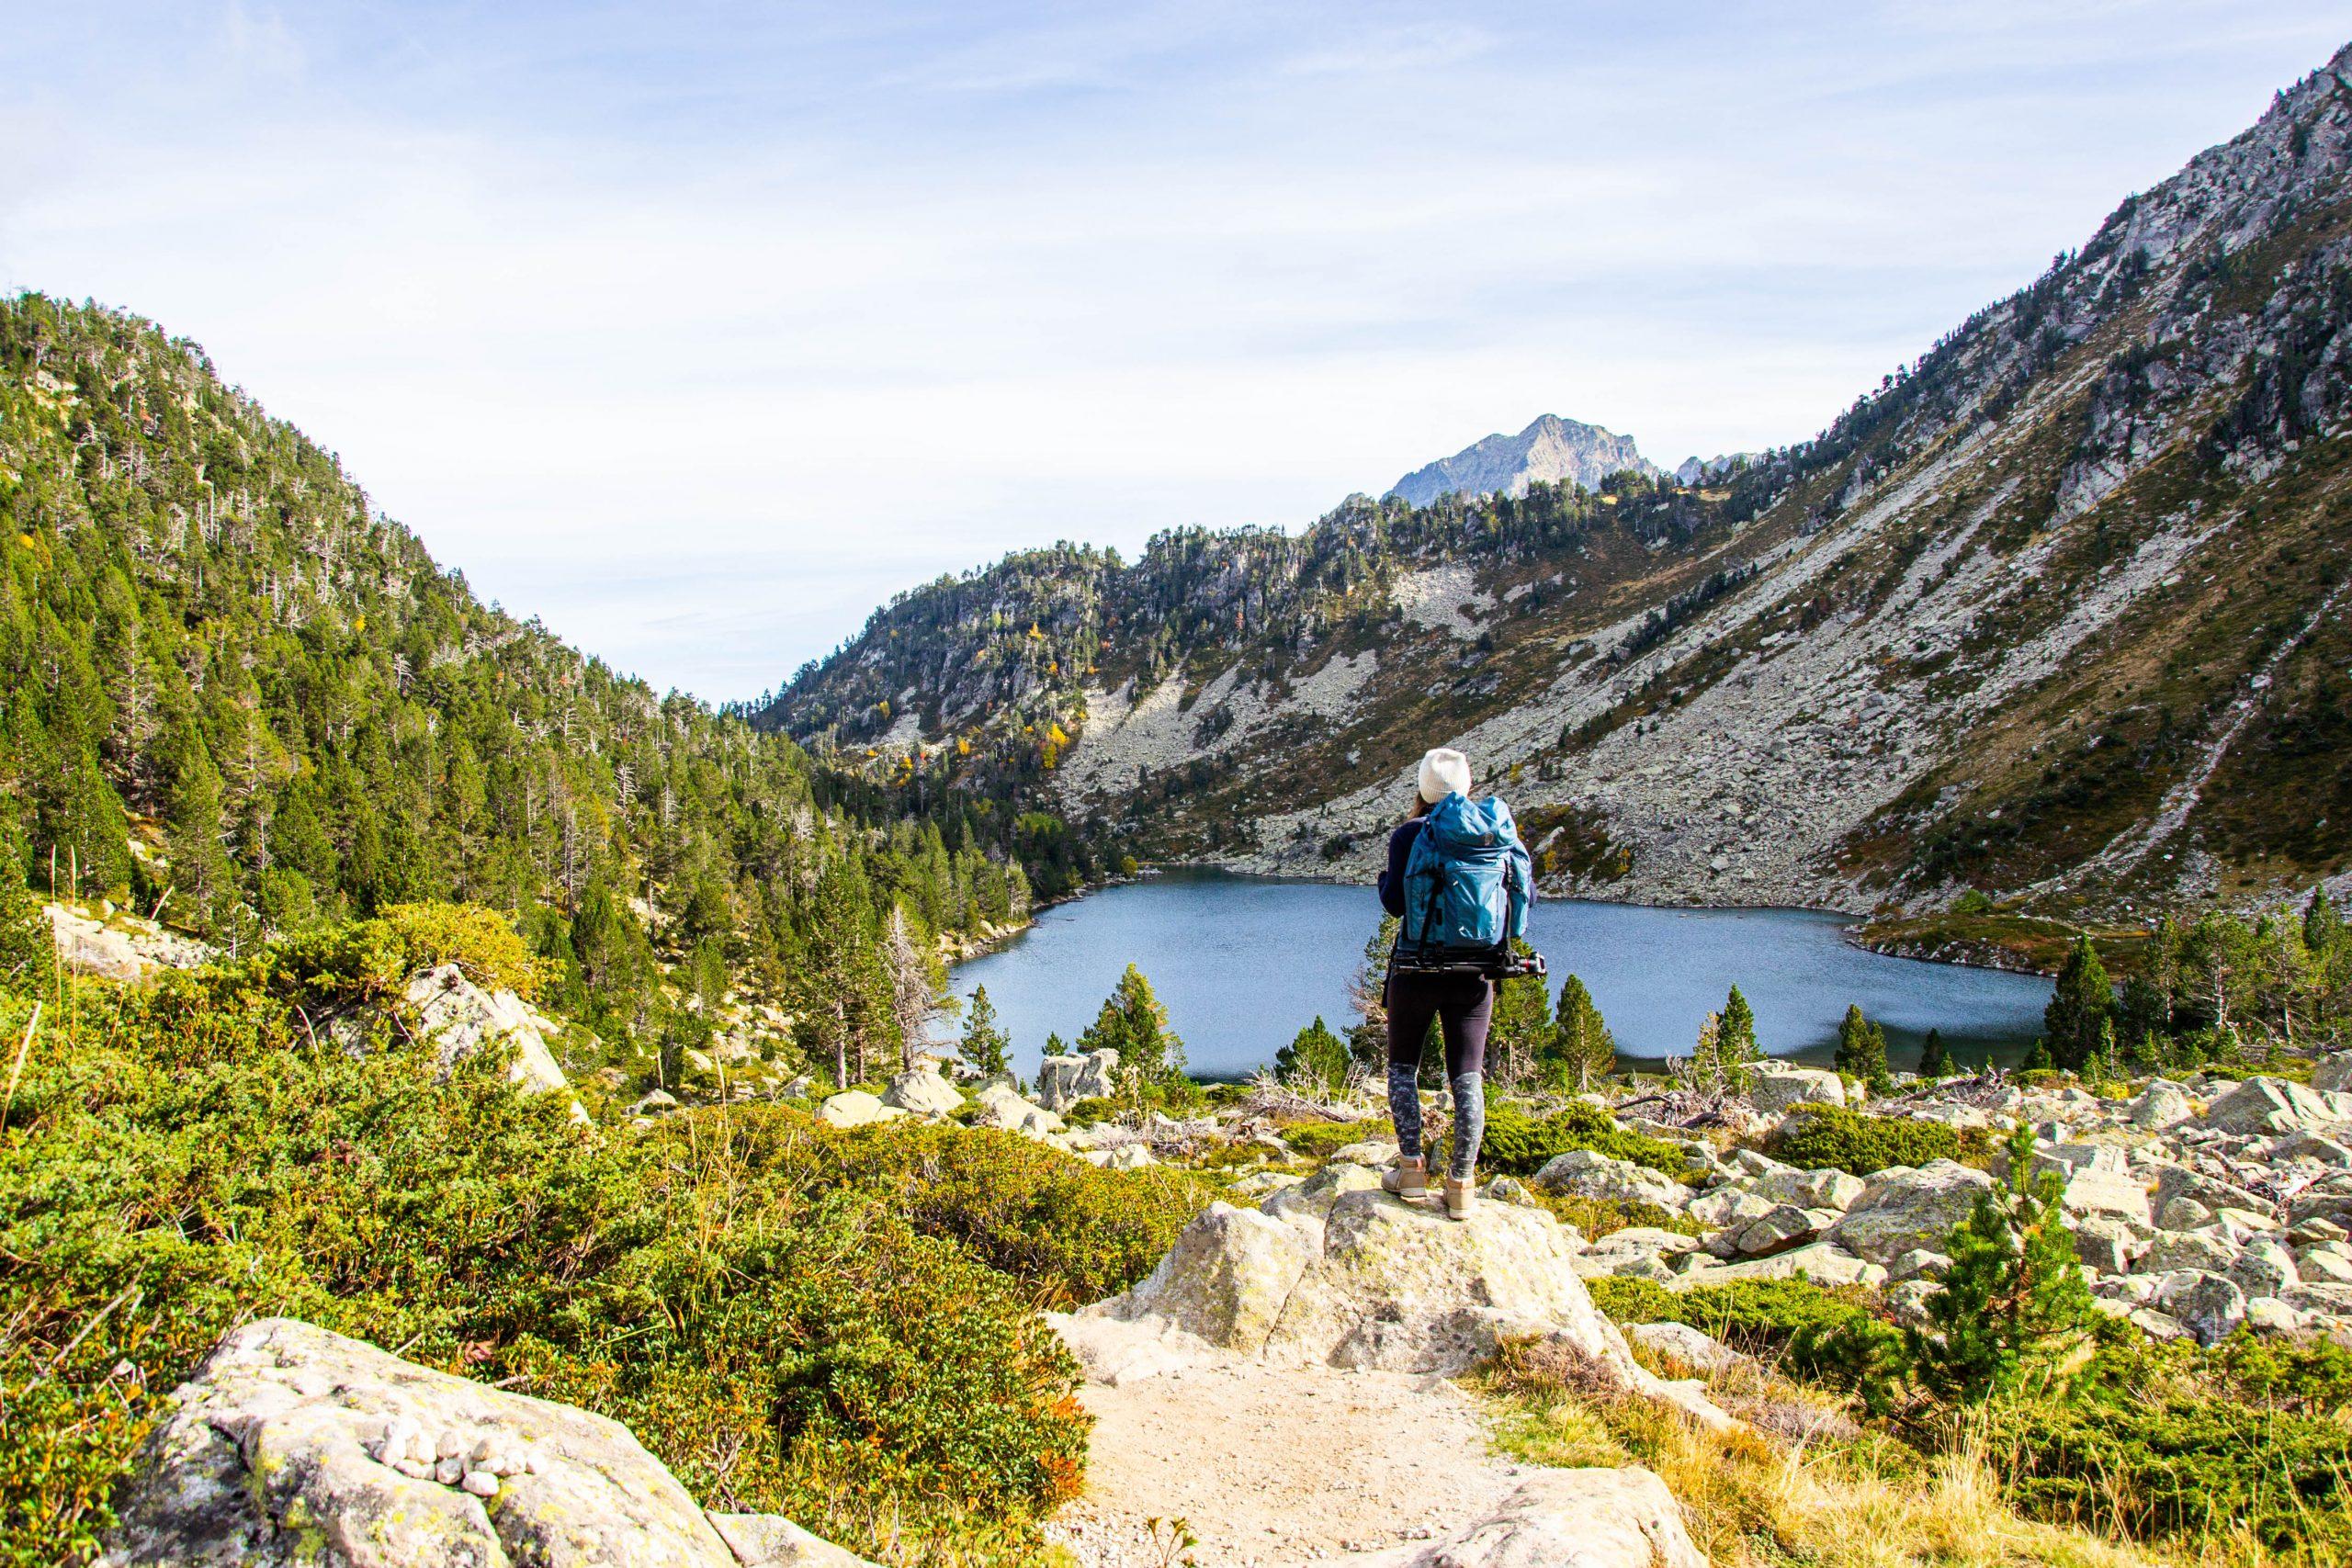 randonneur devant lac de montagne